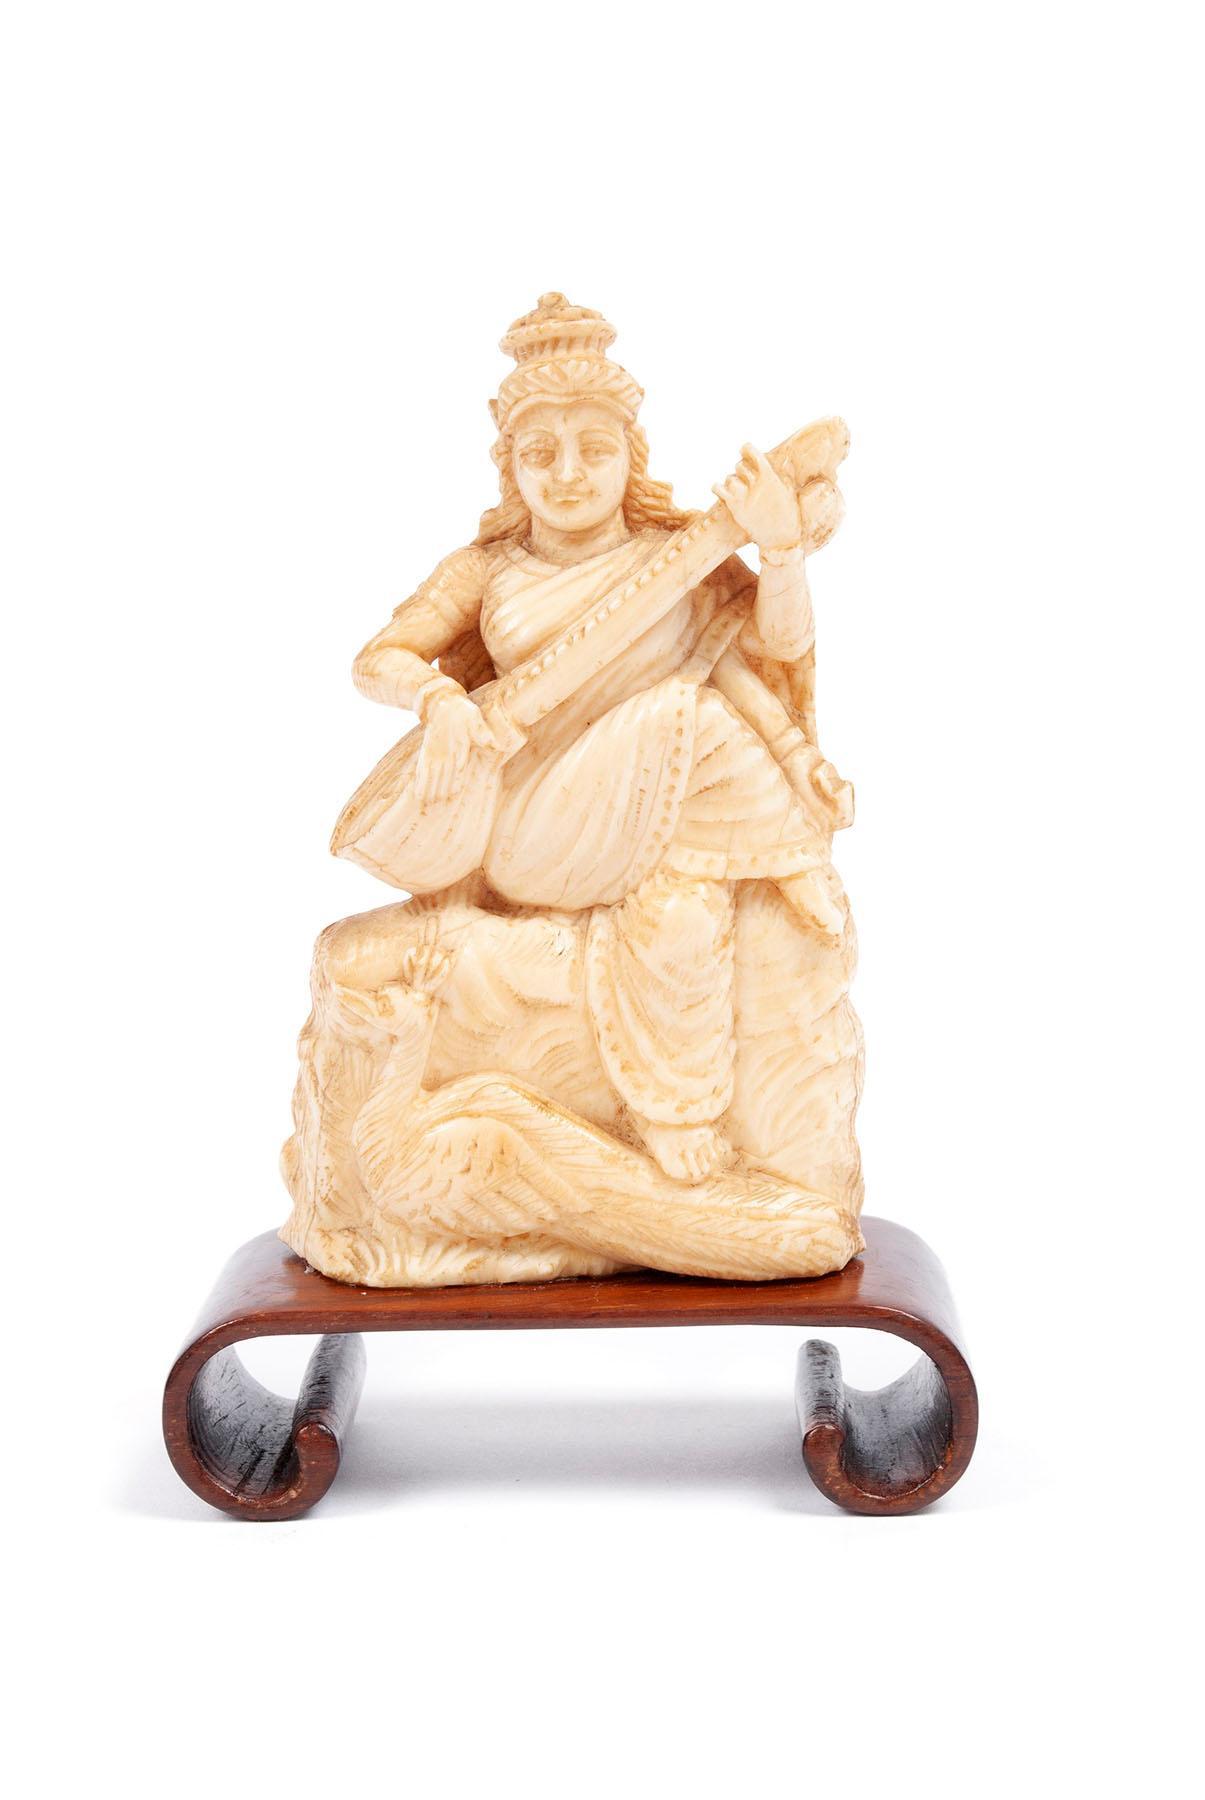 HINDU GODDESS CARVING